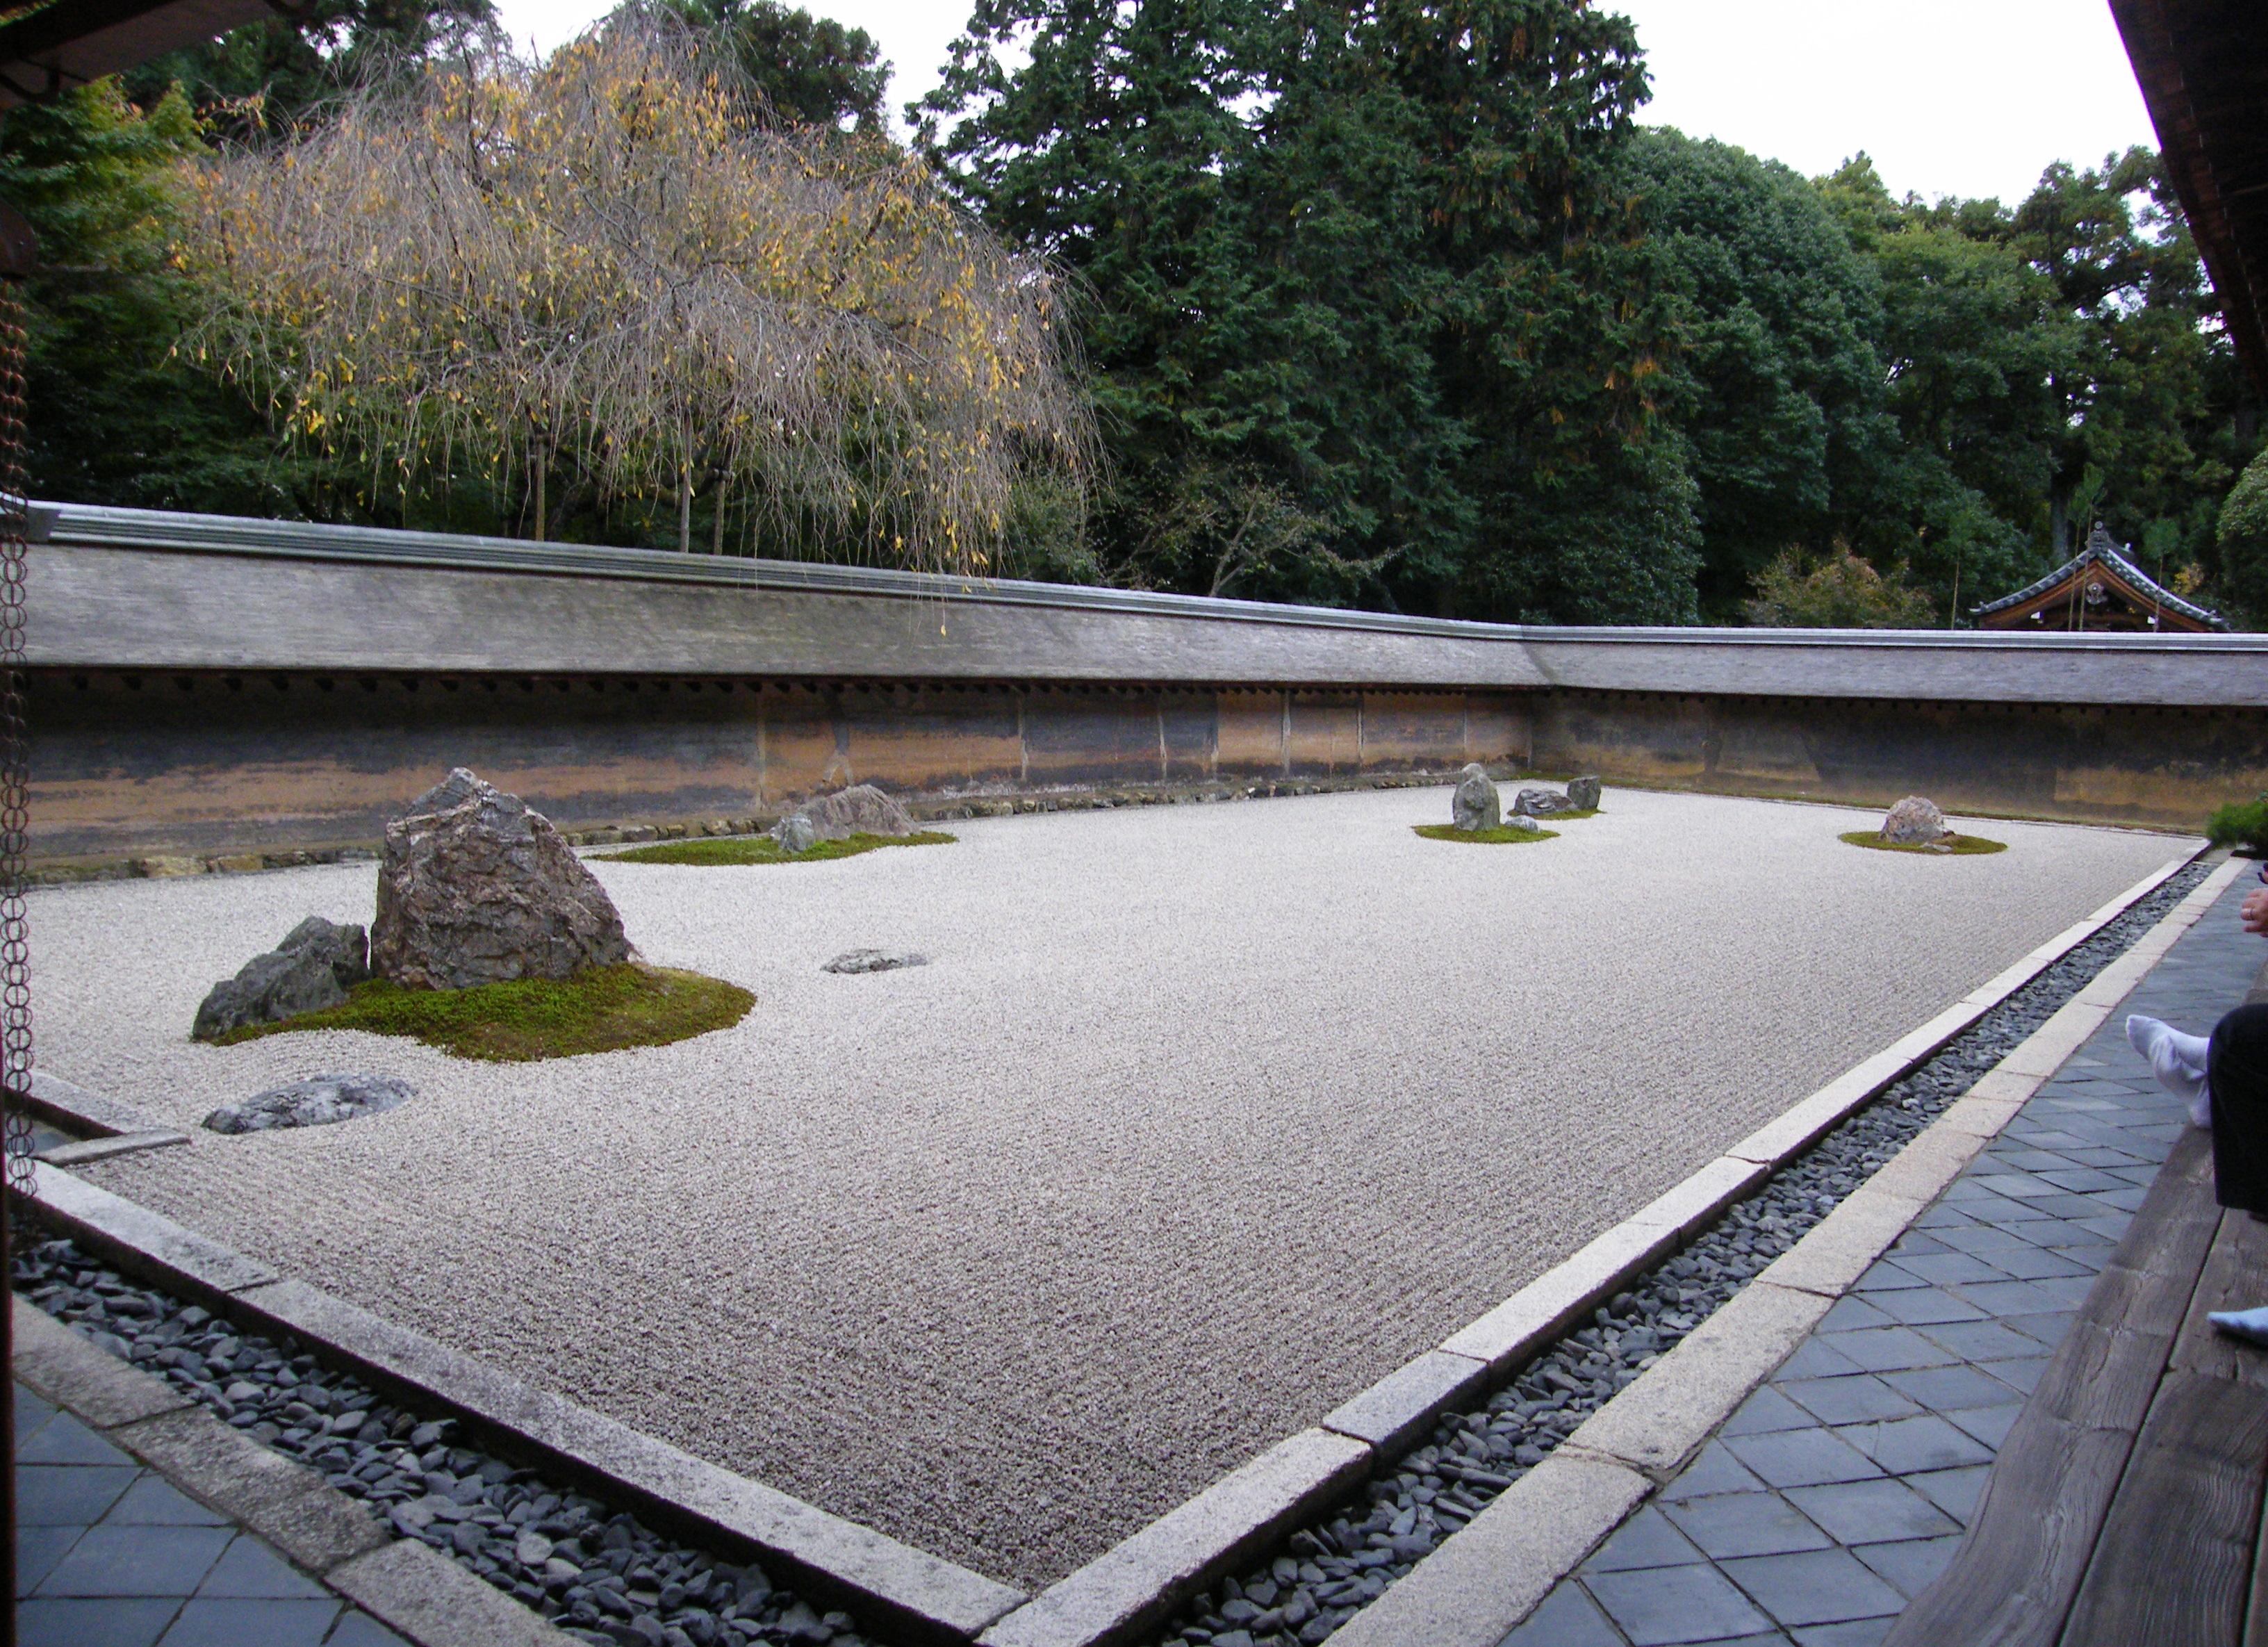 il giardino zen... quante pietre riuscite a vedere?